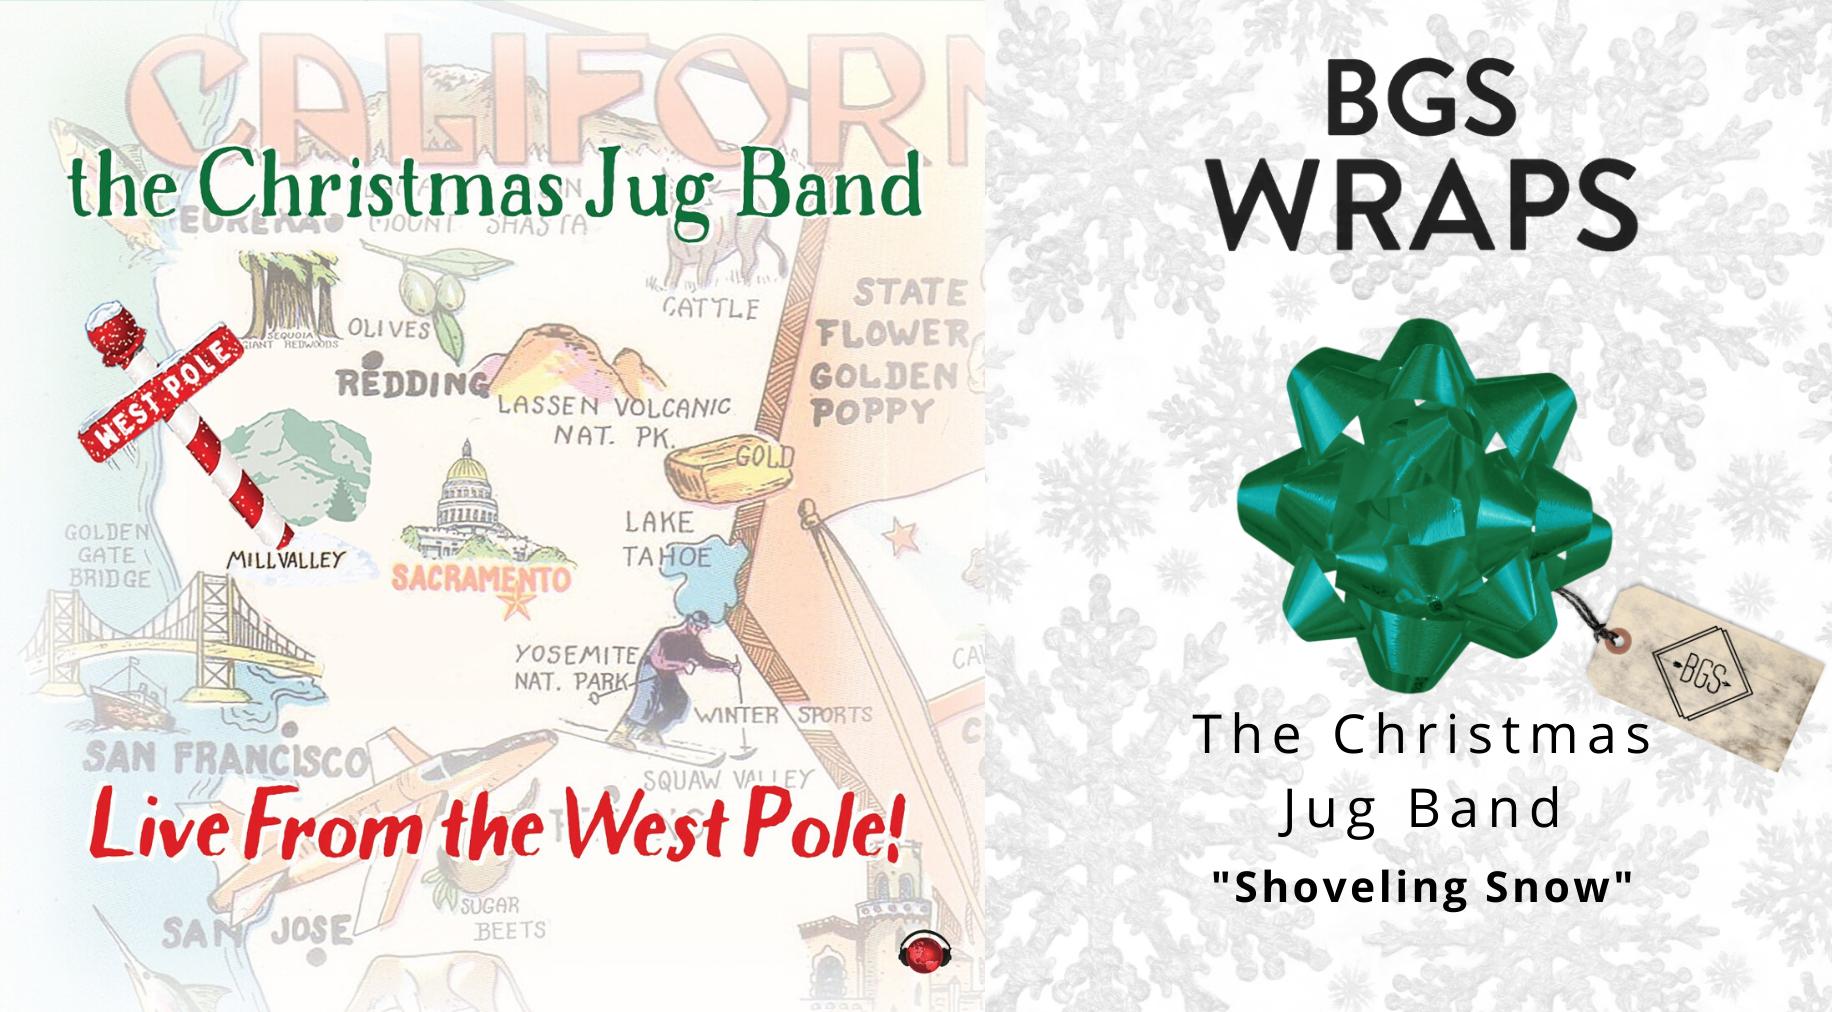 BGS WRAPS: The Christmas Jug Band,